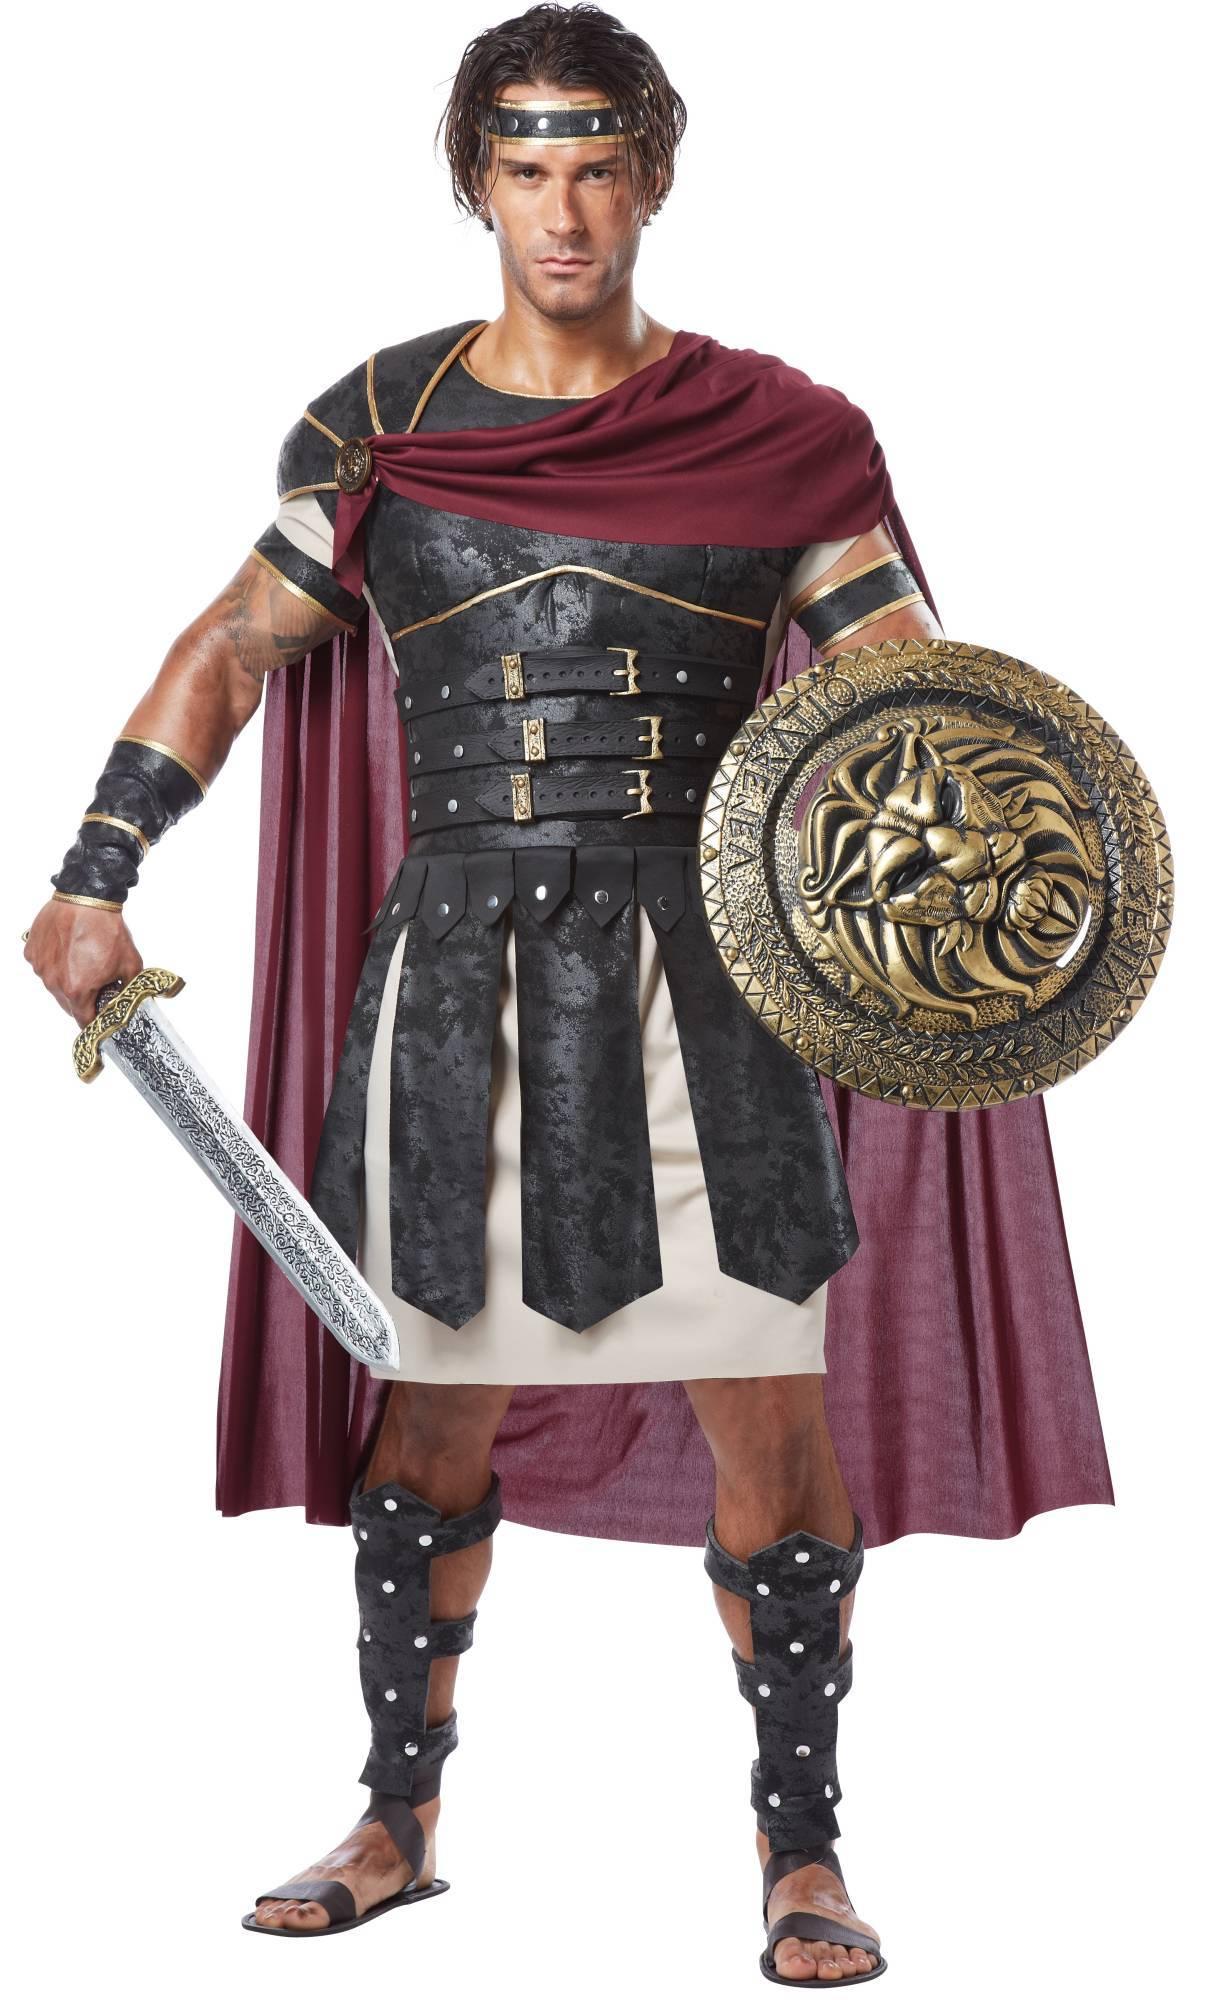 Costume de centurion ou de gladiateur